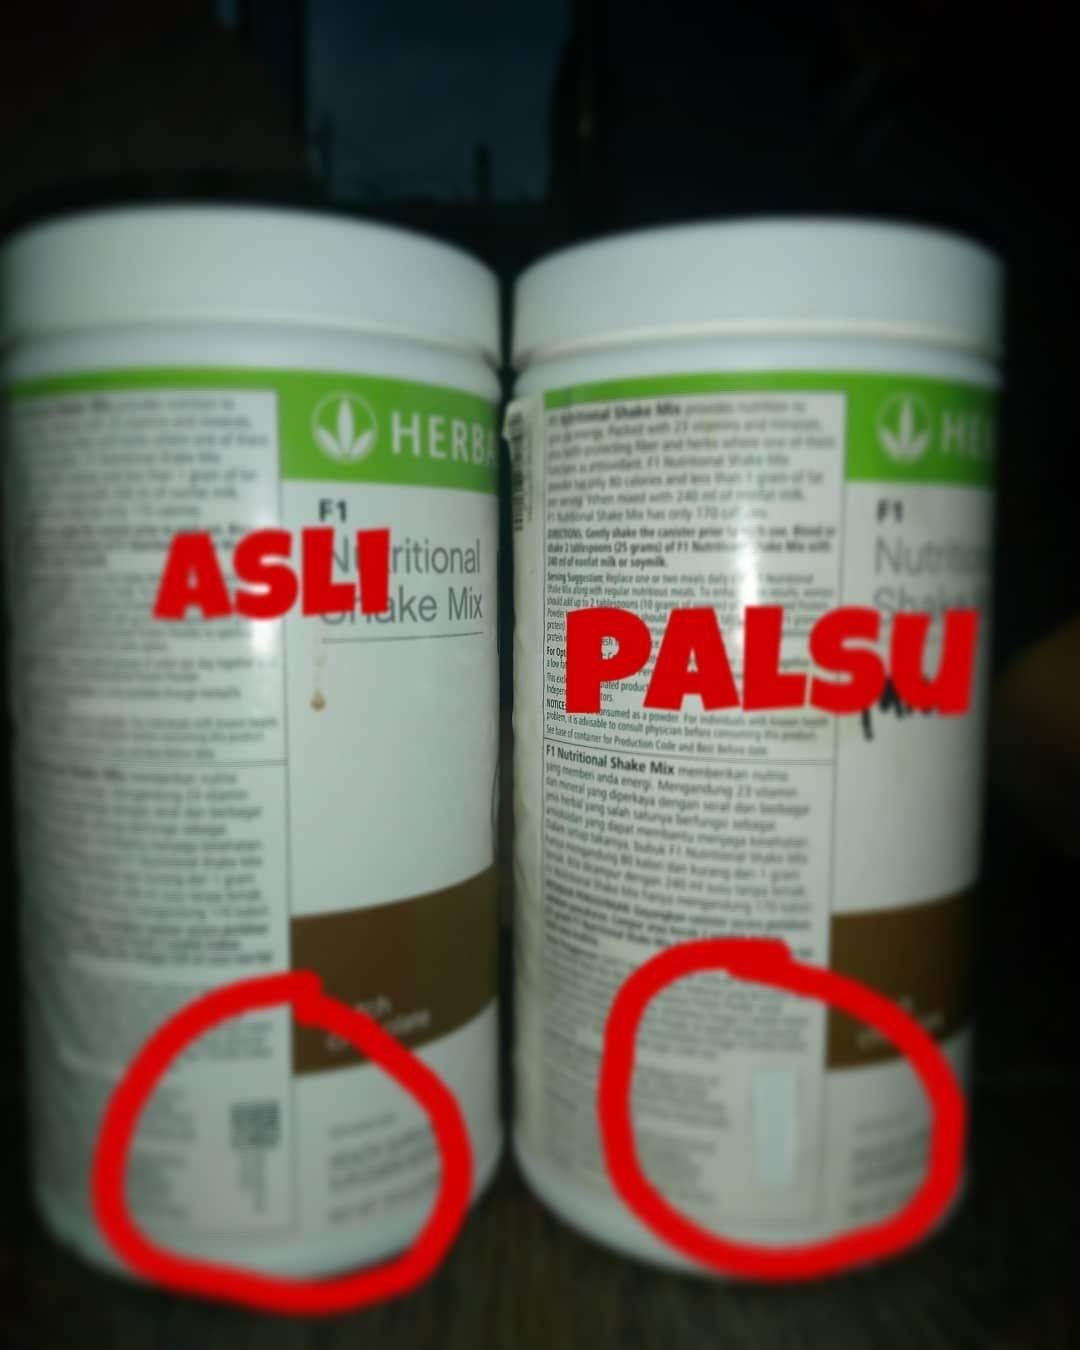 Produk asli hanya ada di distributor resmi Herbalife